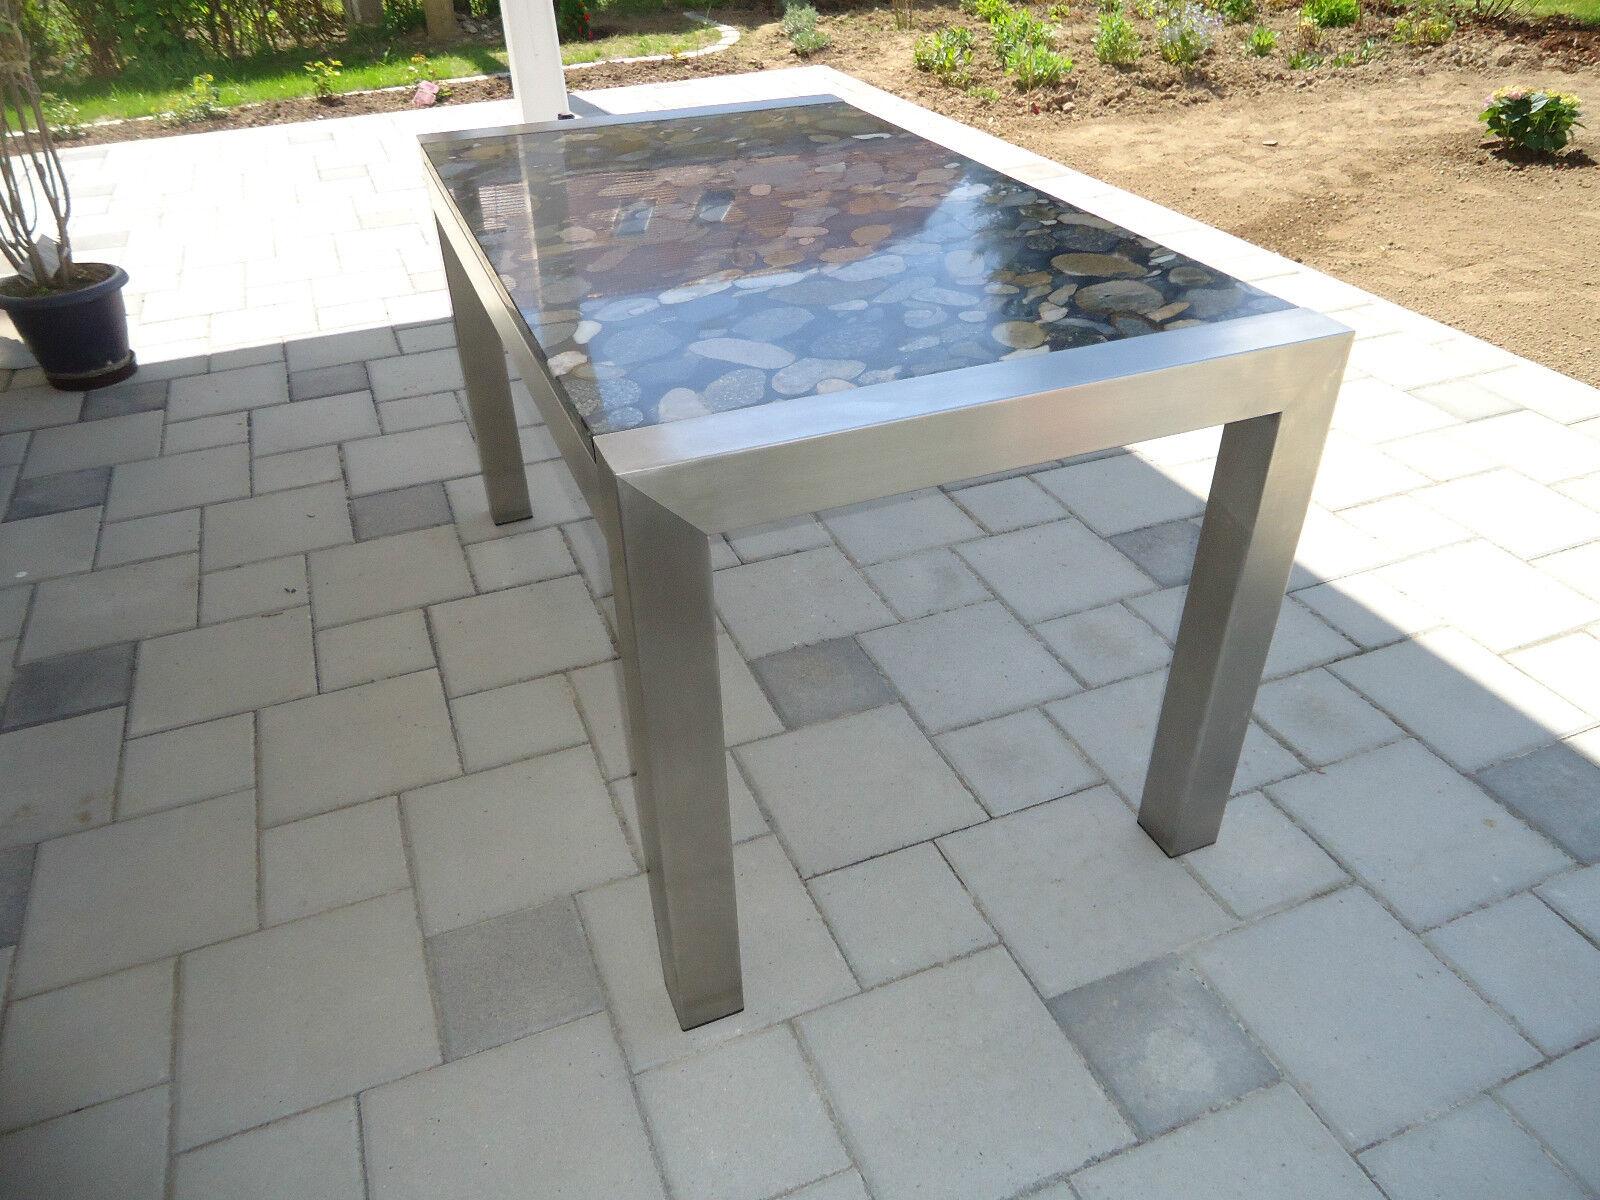 stabiler edelstahltisch esstisch gartentisch mit steinplatte kieseloptik granit eur. Black Bedroom Furniture Sets. Home Design Ideas